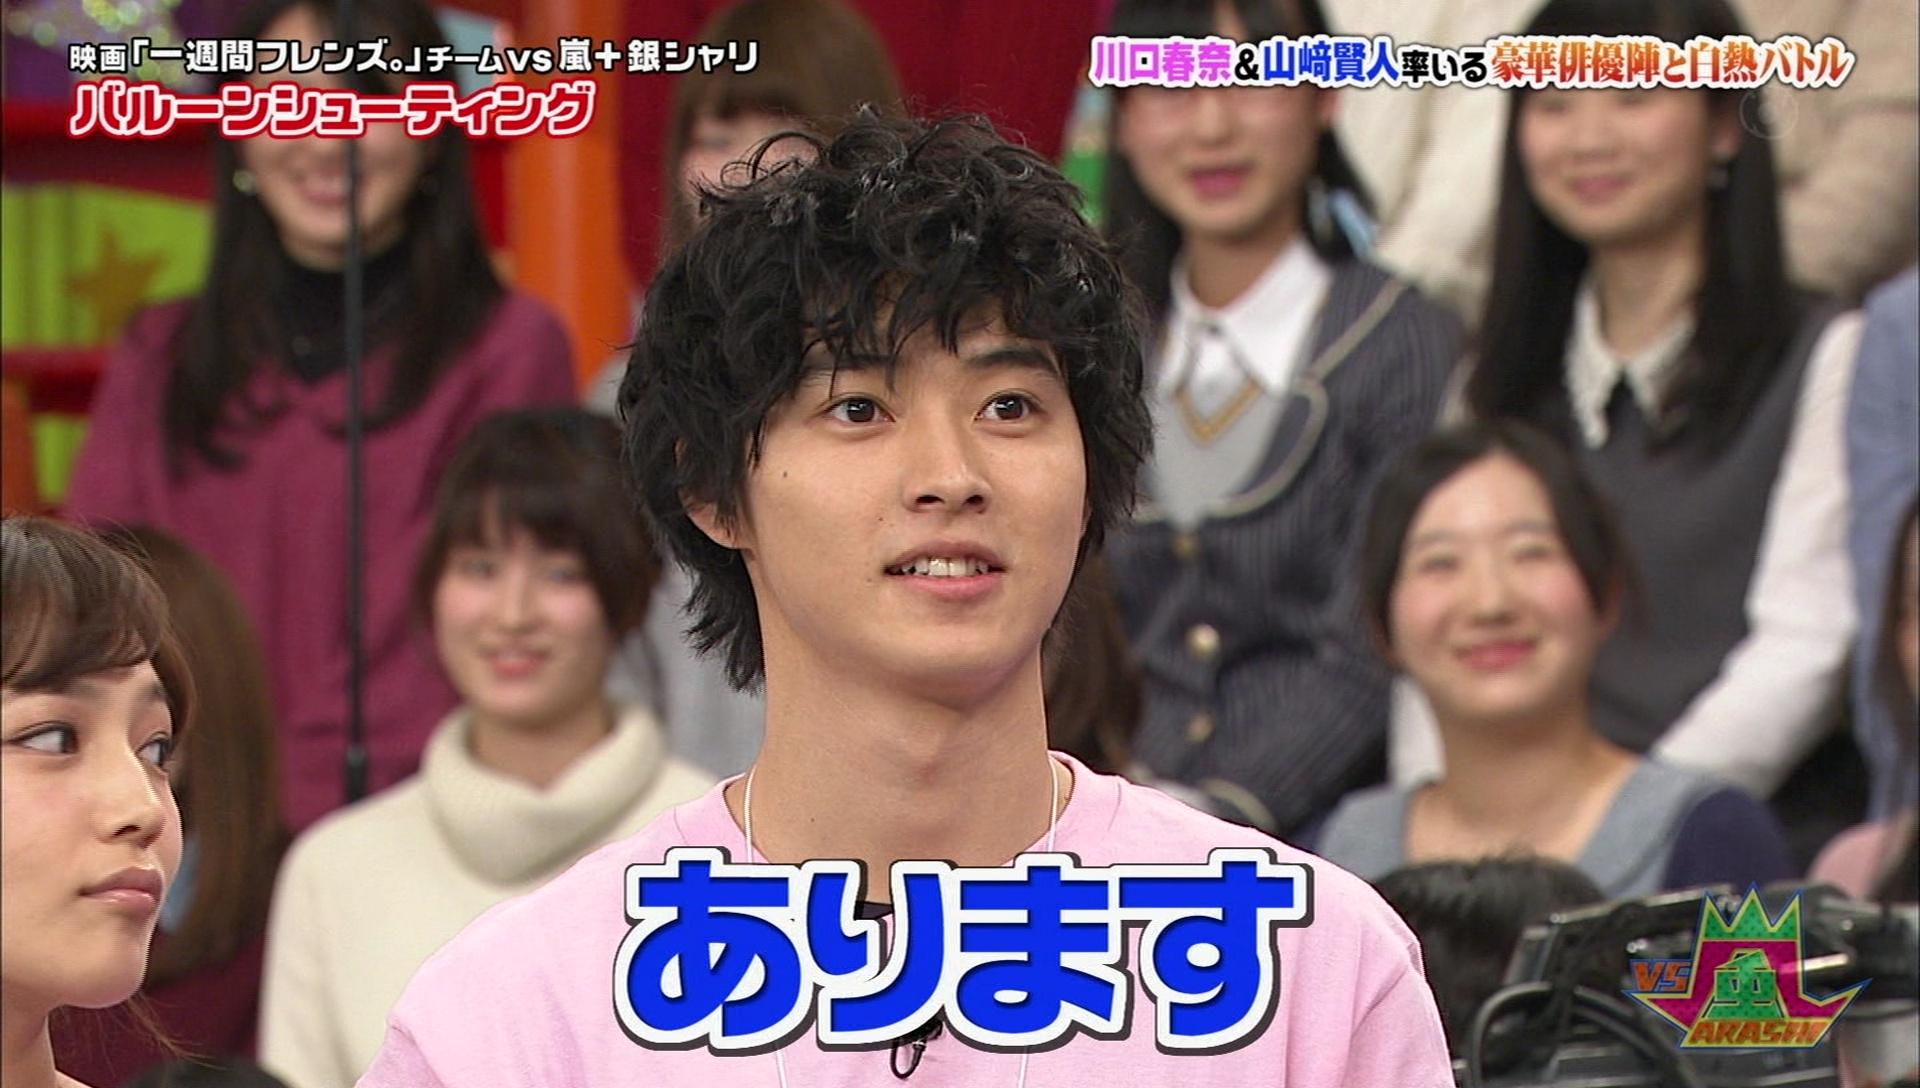 HD] VS Arashi 2017 02 16 – yamazaki-kento com